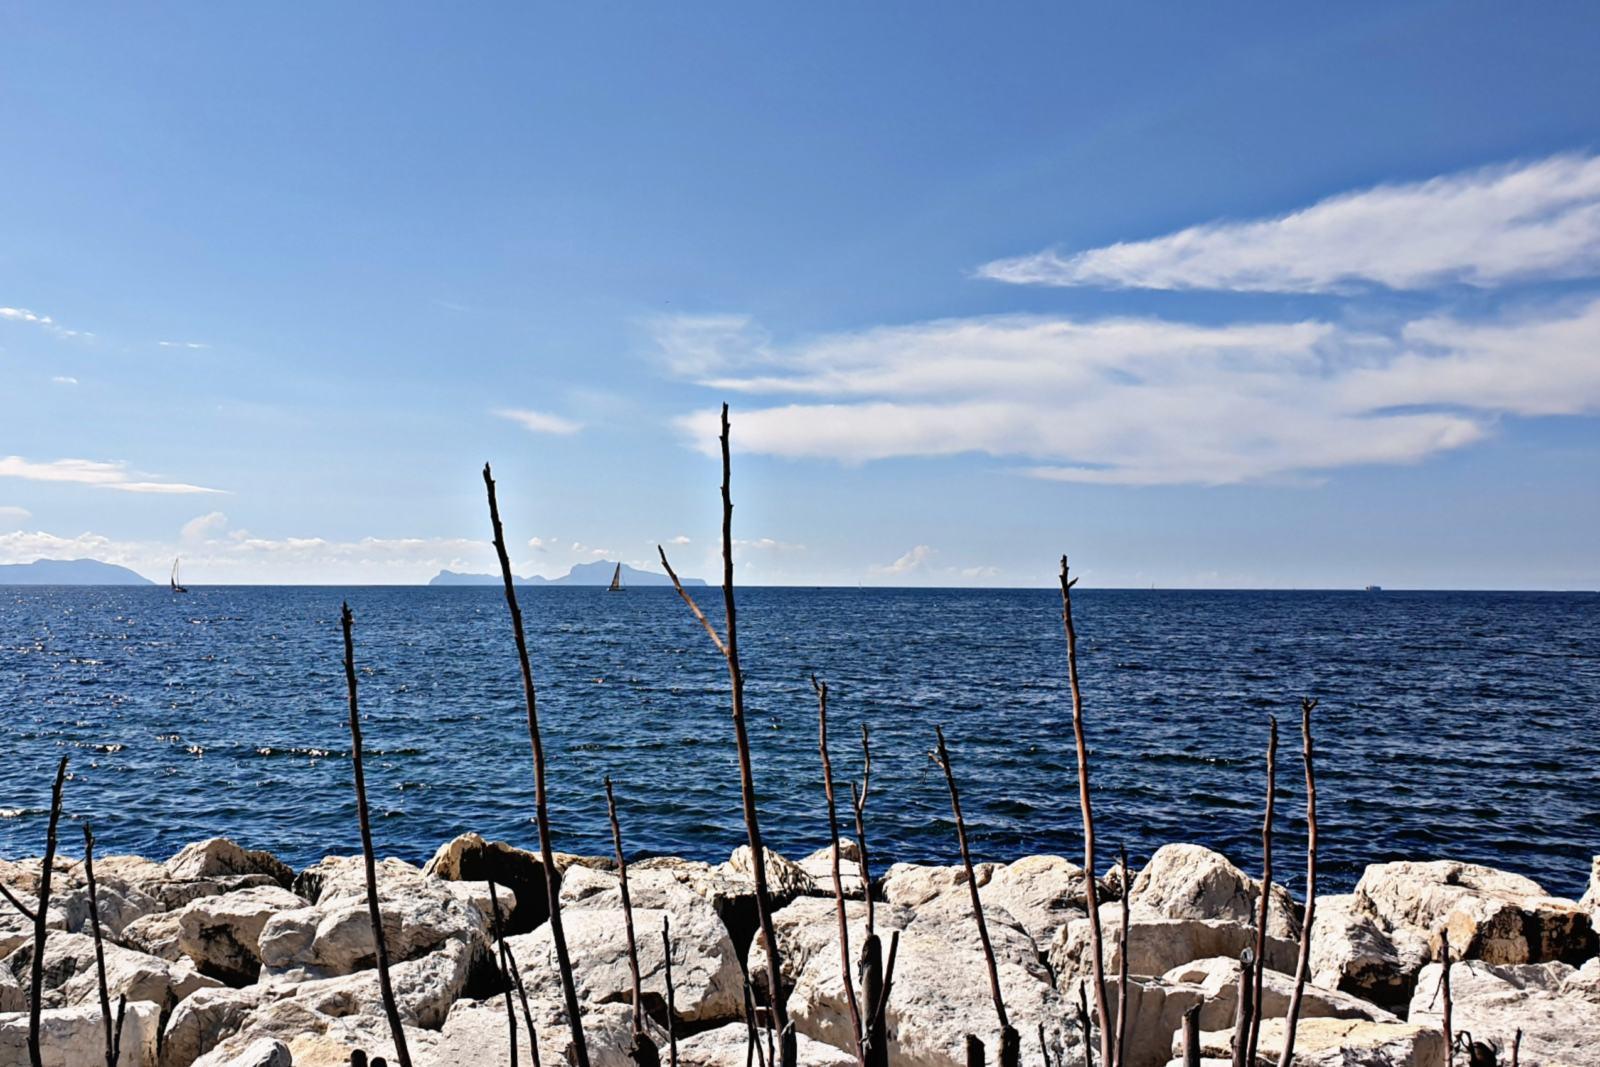 L'isola di Capri da Lungomare Caracciolo